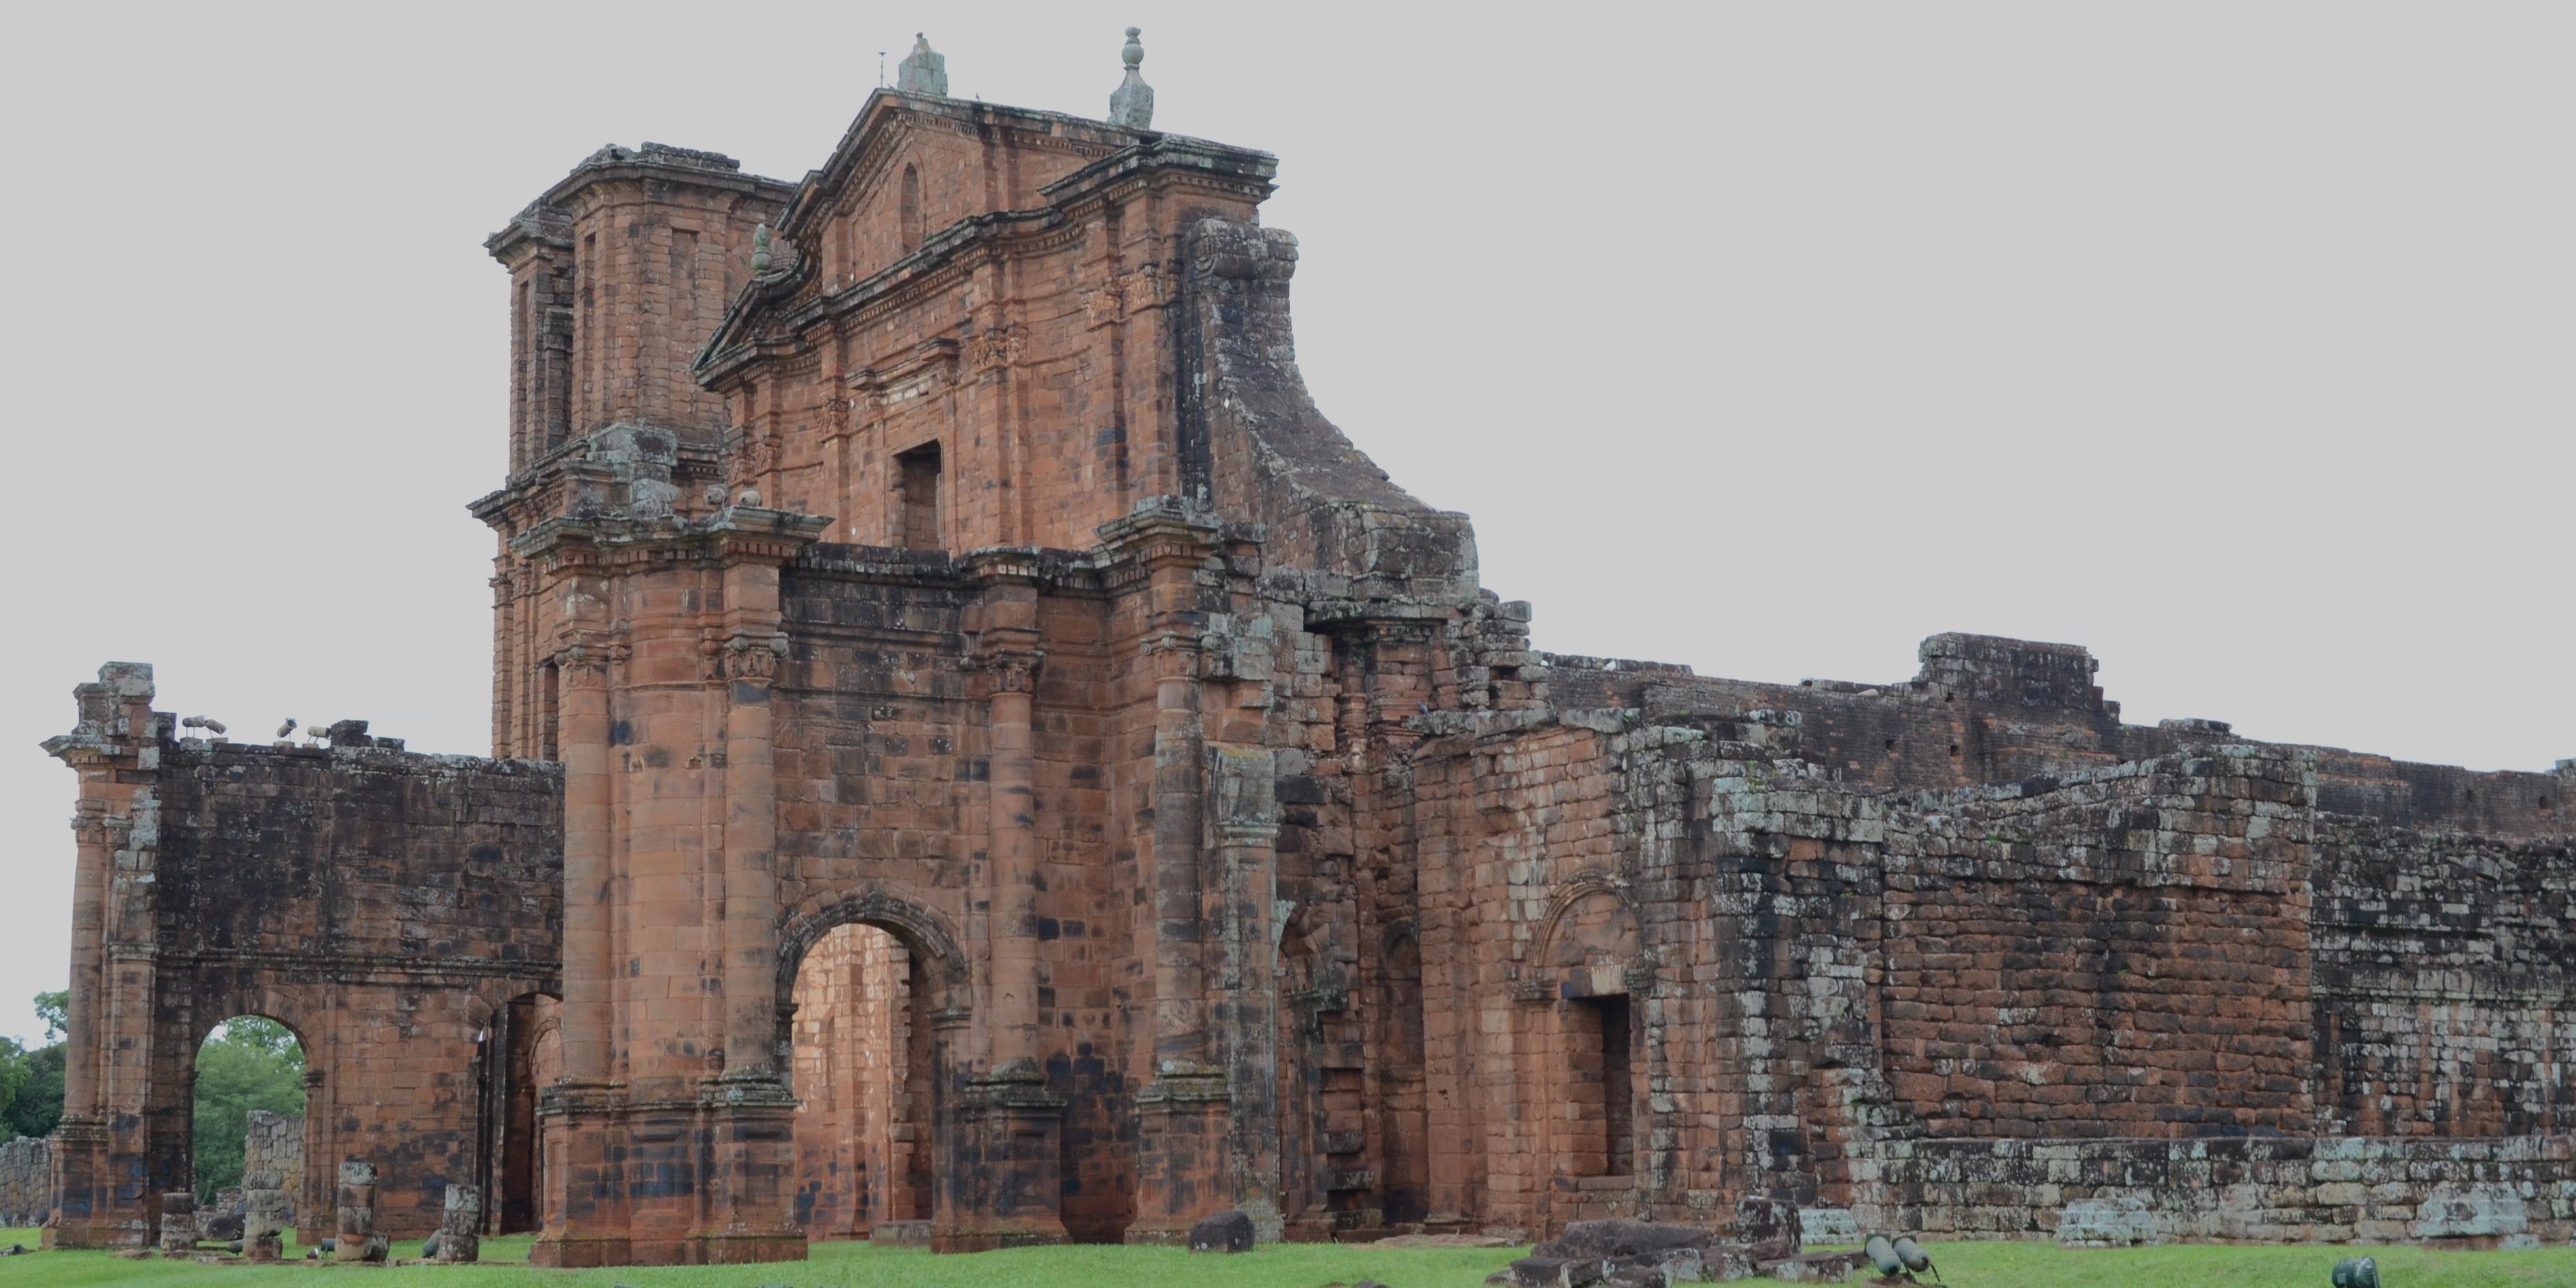 O sítio arqueológico já era reconhecido como patrimônio cultural nacional desde 2014